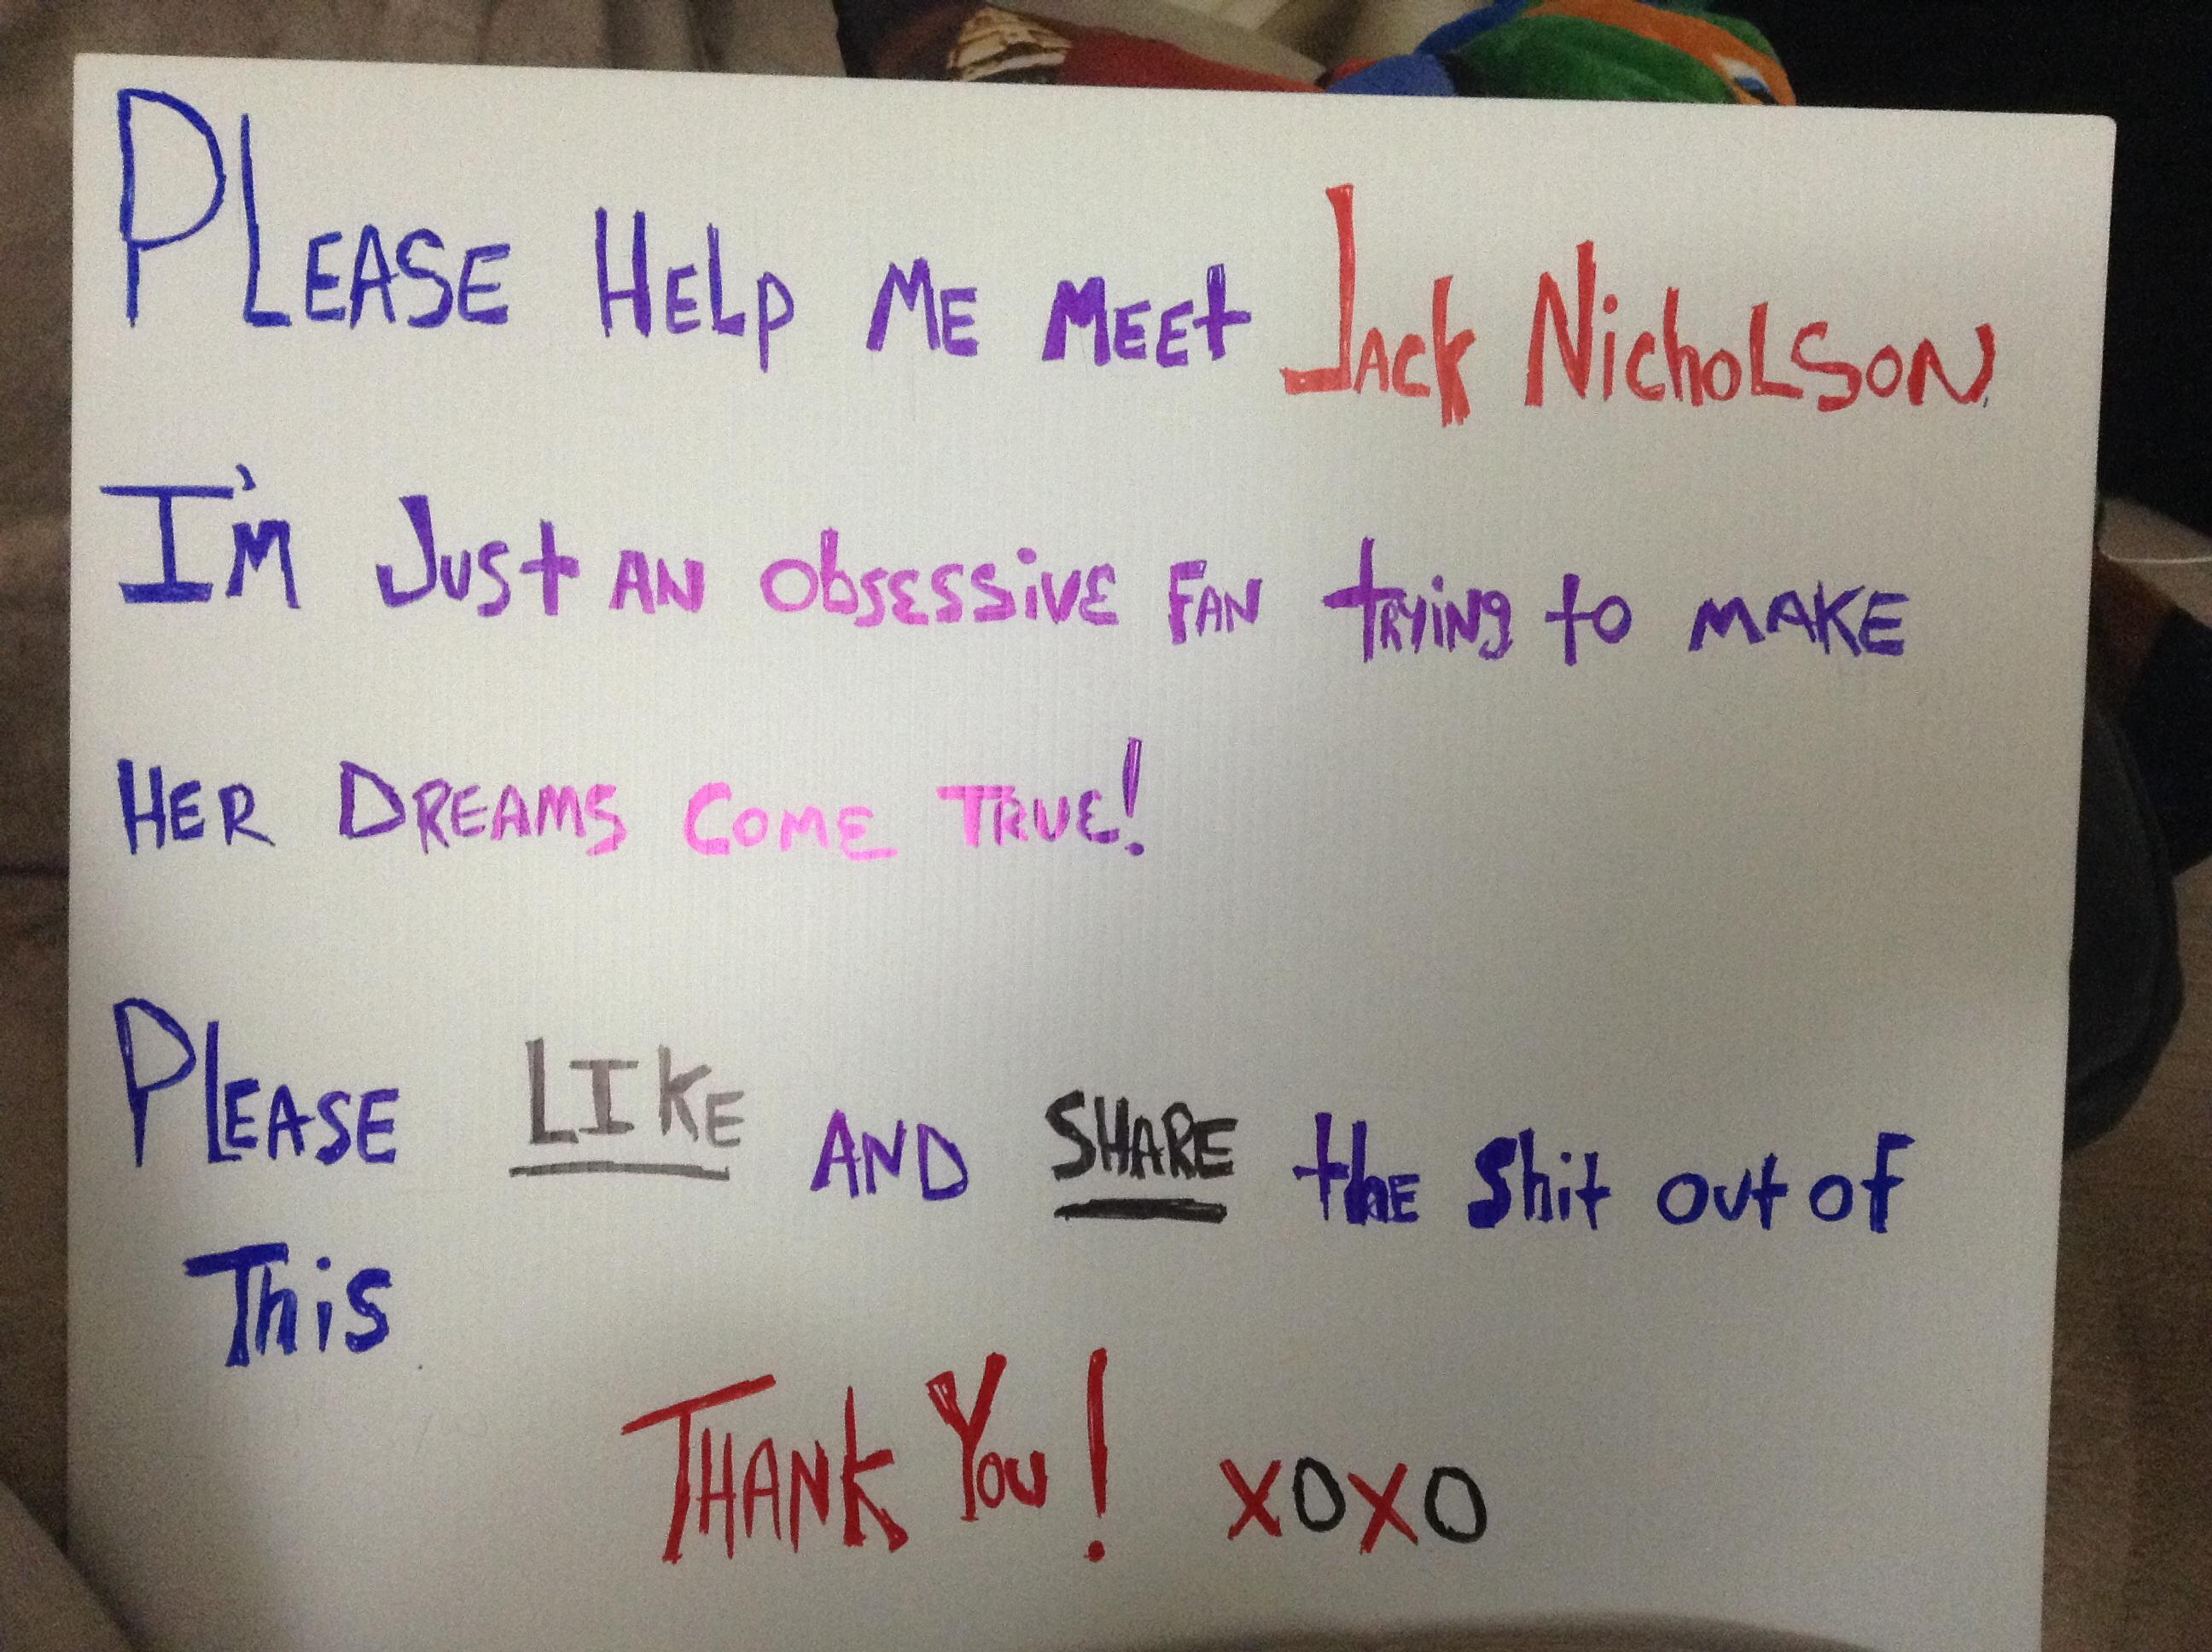 Help me meet JACK NICHOLSON!